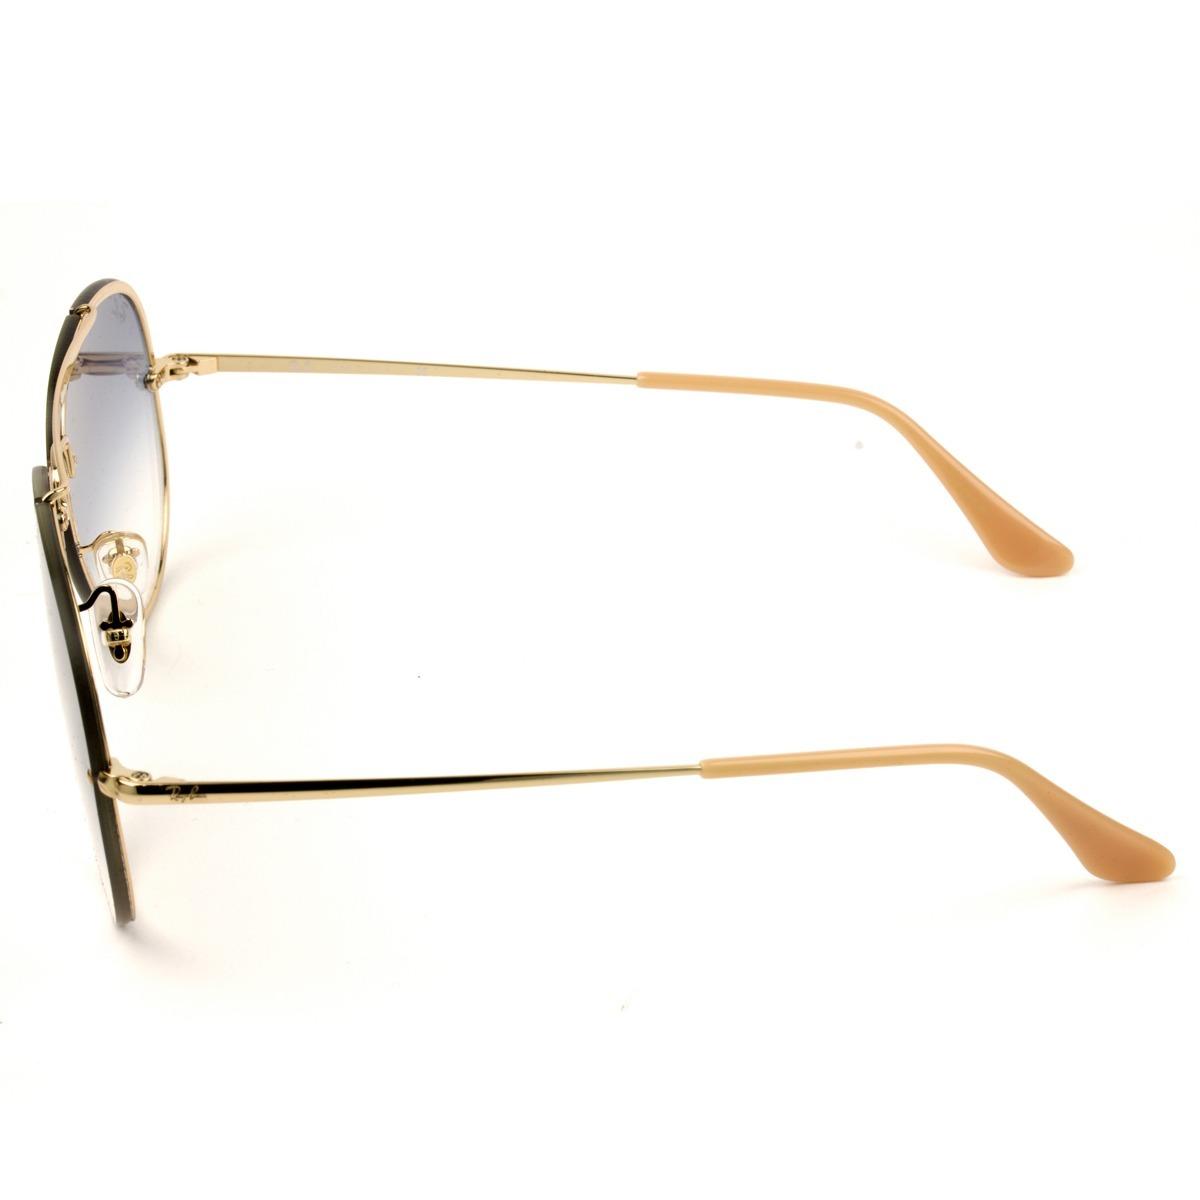 Óculos De Sol Ray Ban Blaze Rb3584-n 001 19 61 - Nota Fiscal - R ... 8a273f1ea2